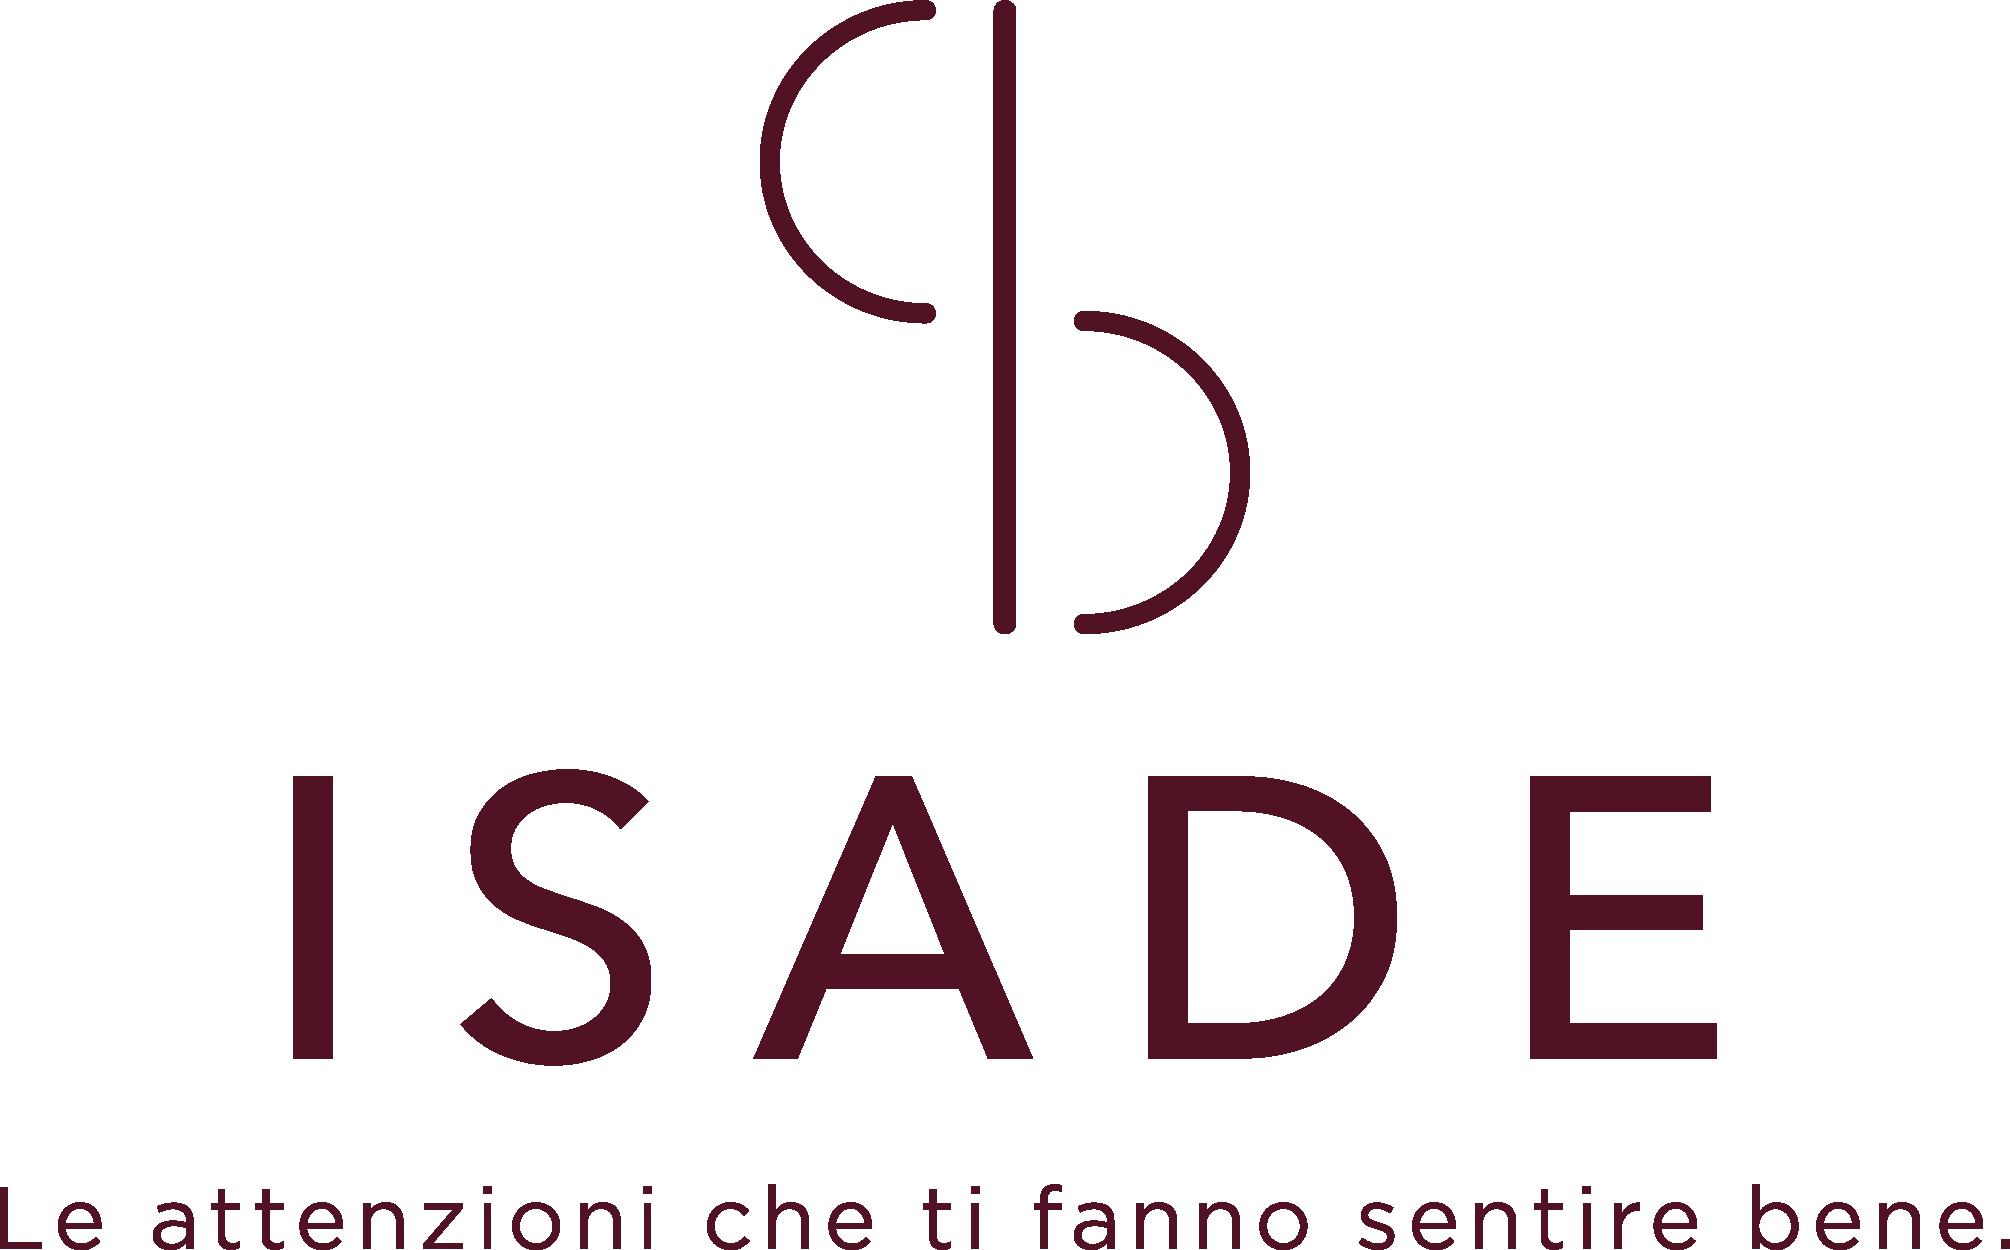 ISADE - LOGO